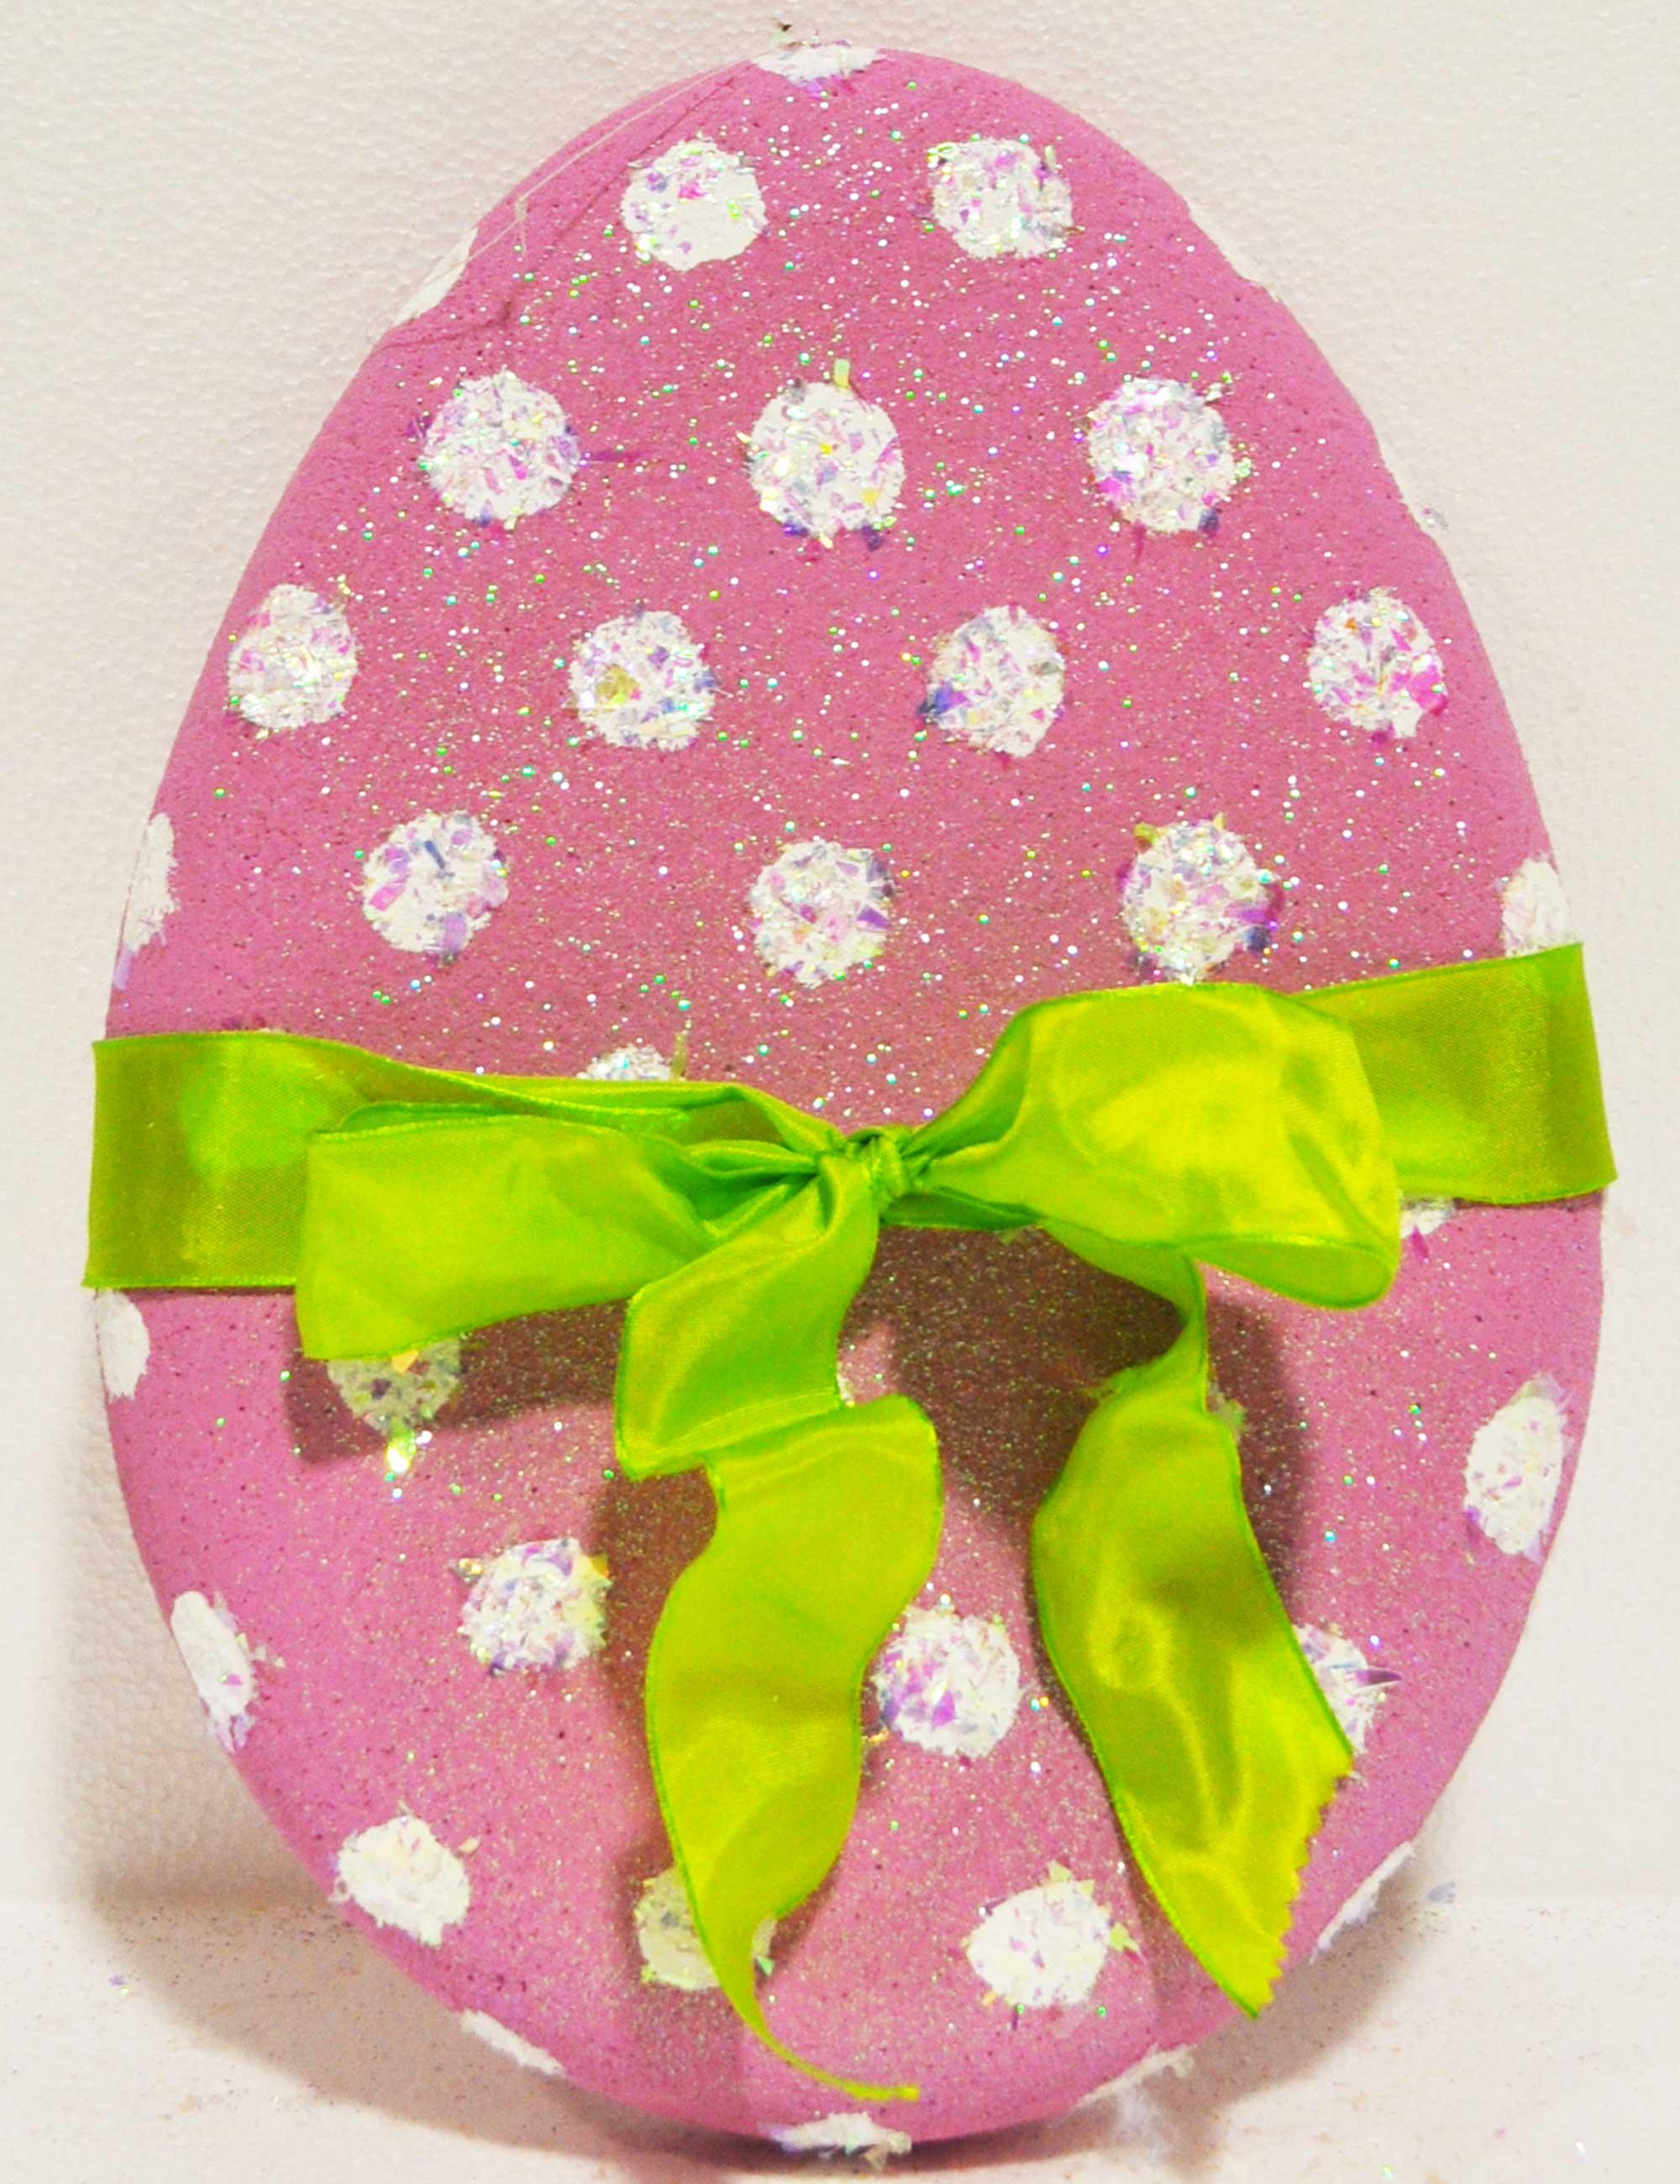 uovo rosa piccolo pasqua decorazione vetrine negozi